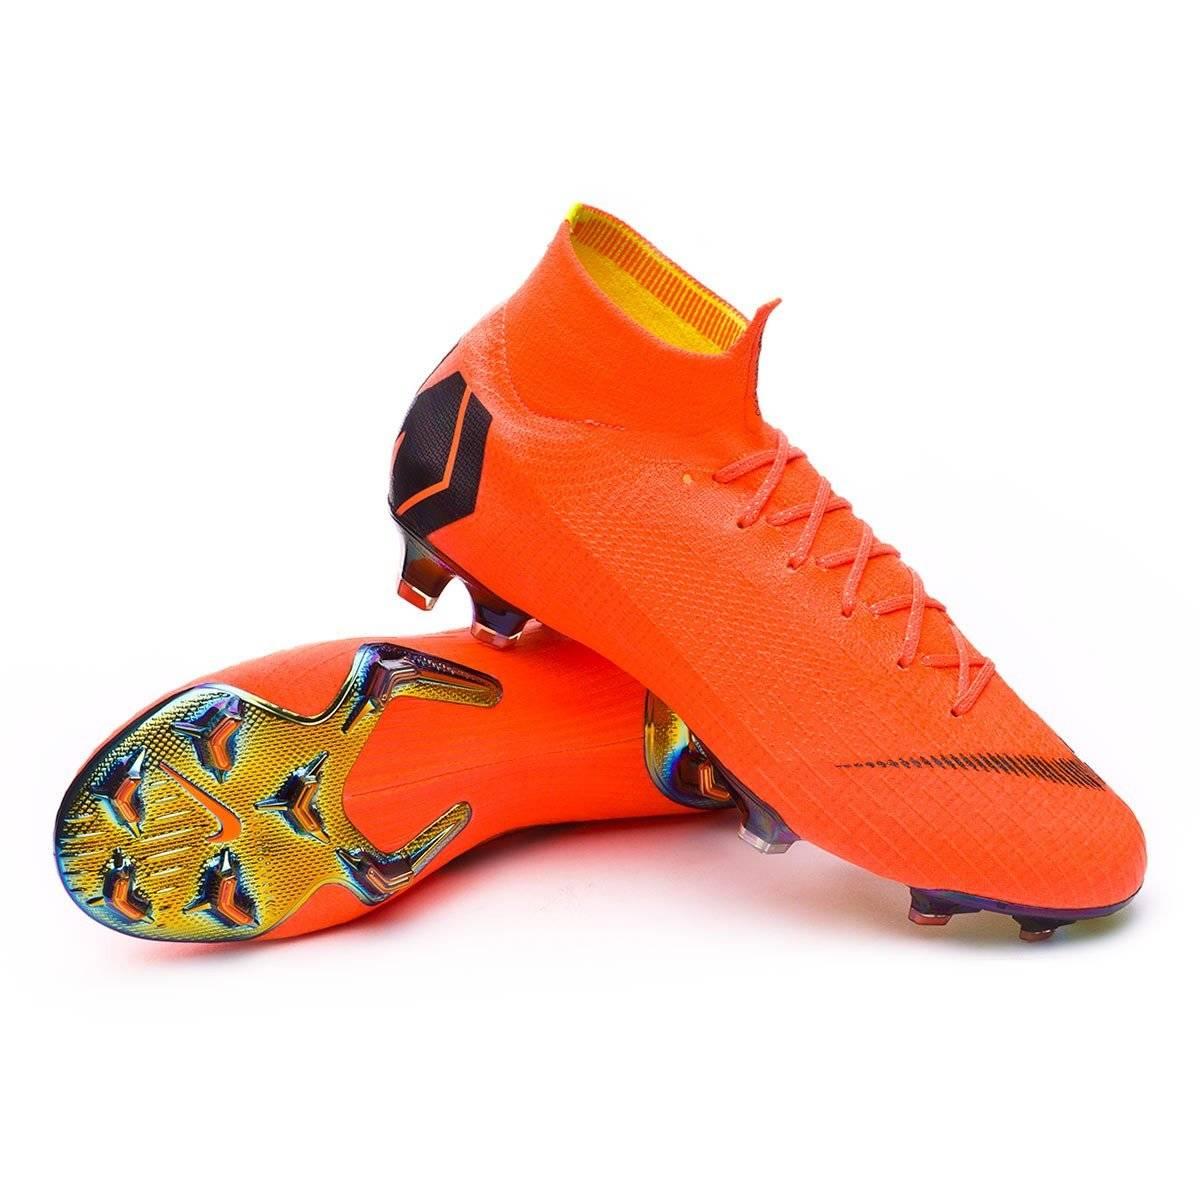 97aecdf5413 Fotos. La evolución de los zapatos de futbol a través de los ...